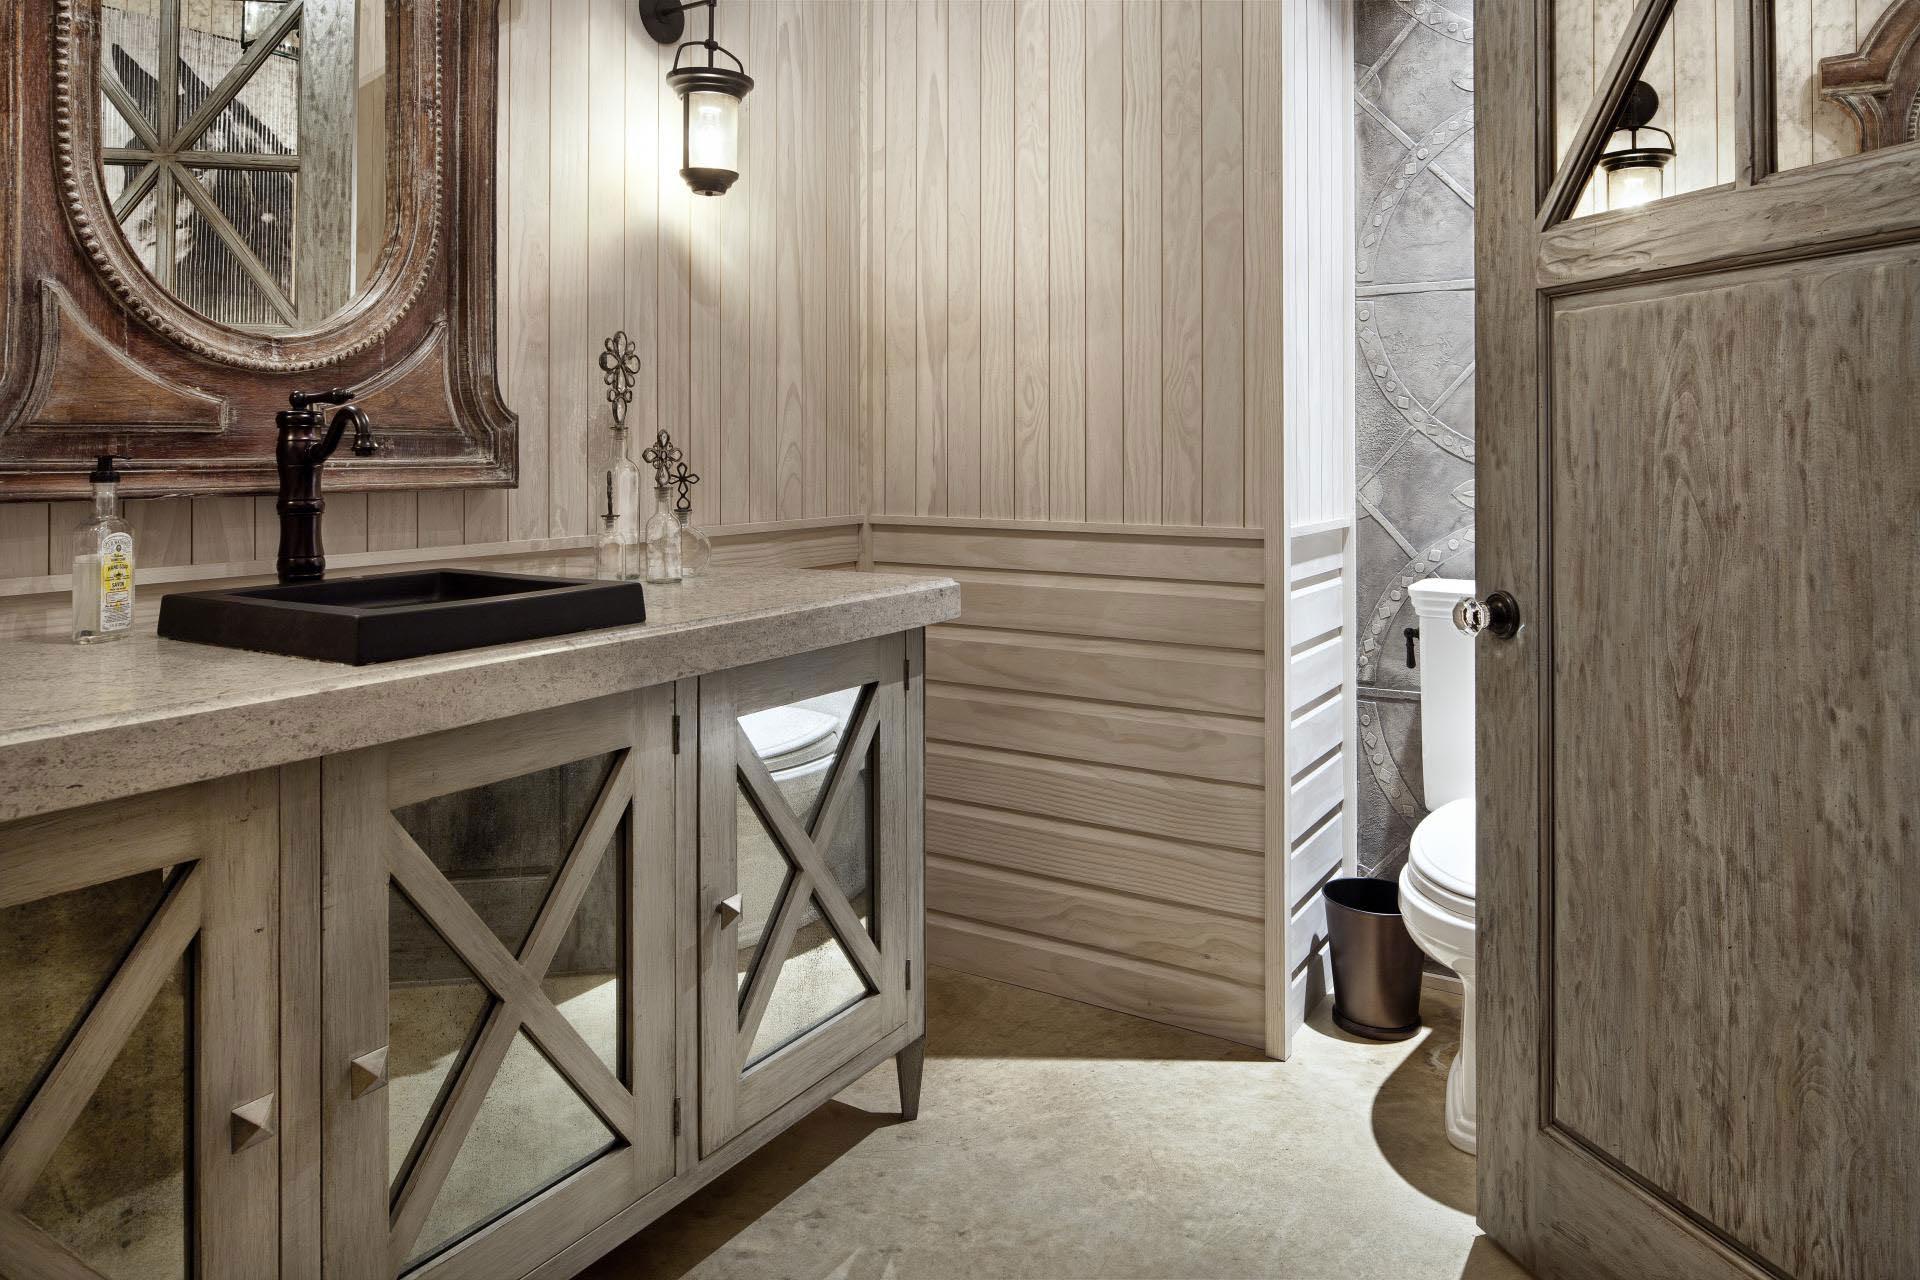 Rustic Vanity Mirrors for Bathroom